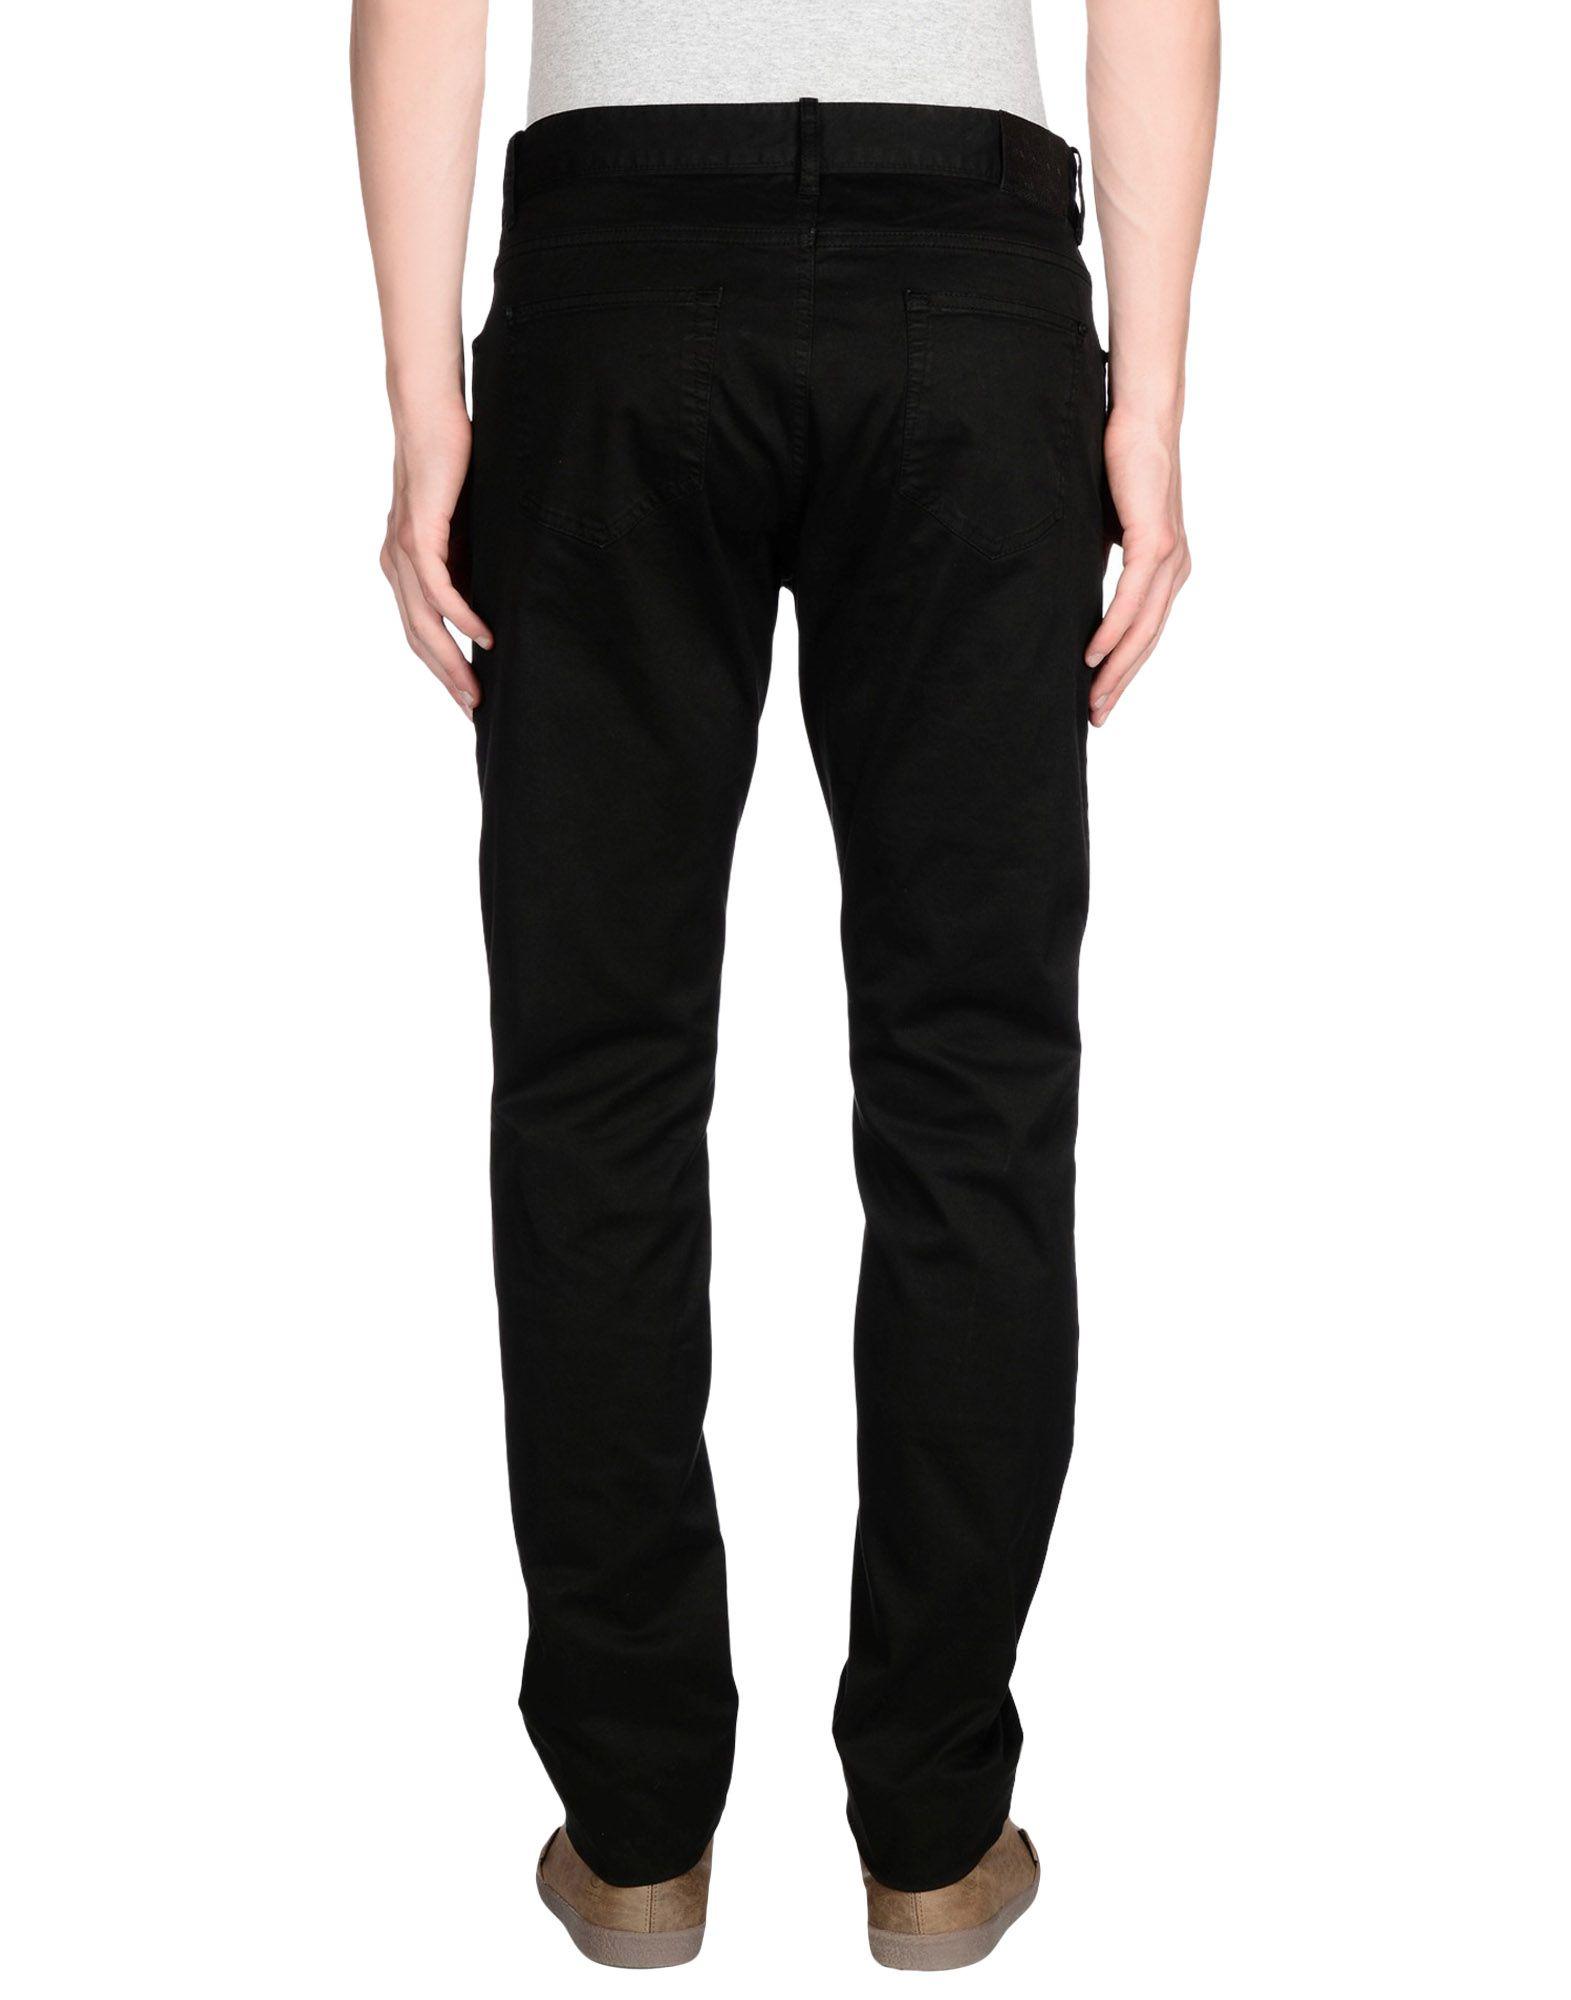 Balenciaga Casual Trouser in Black for Men